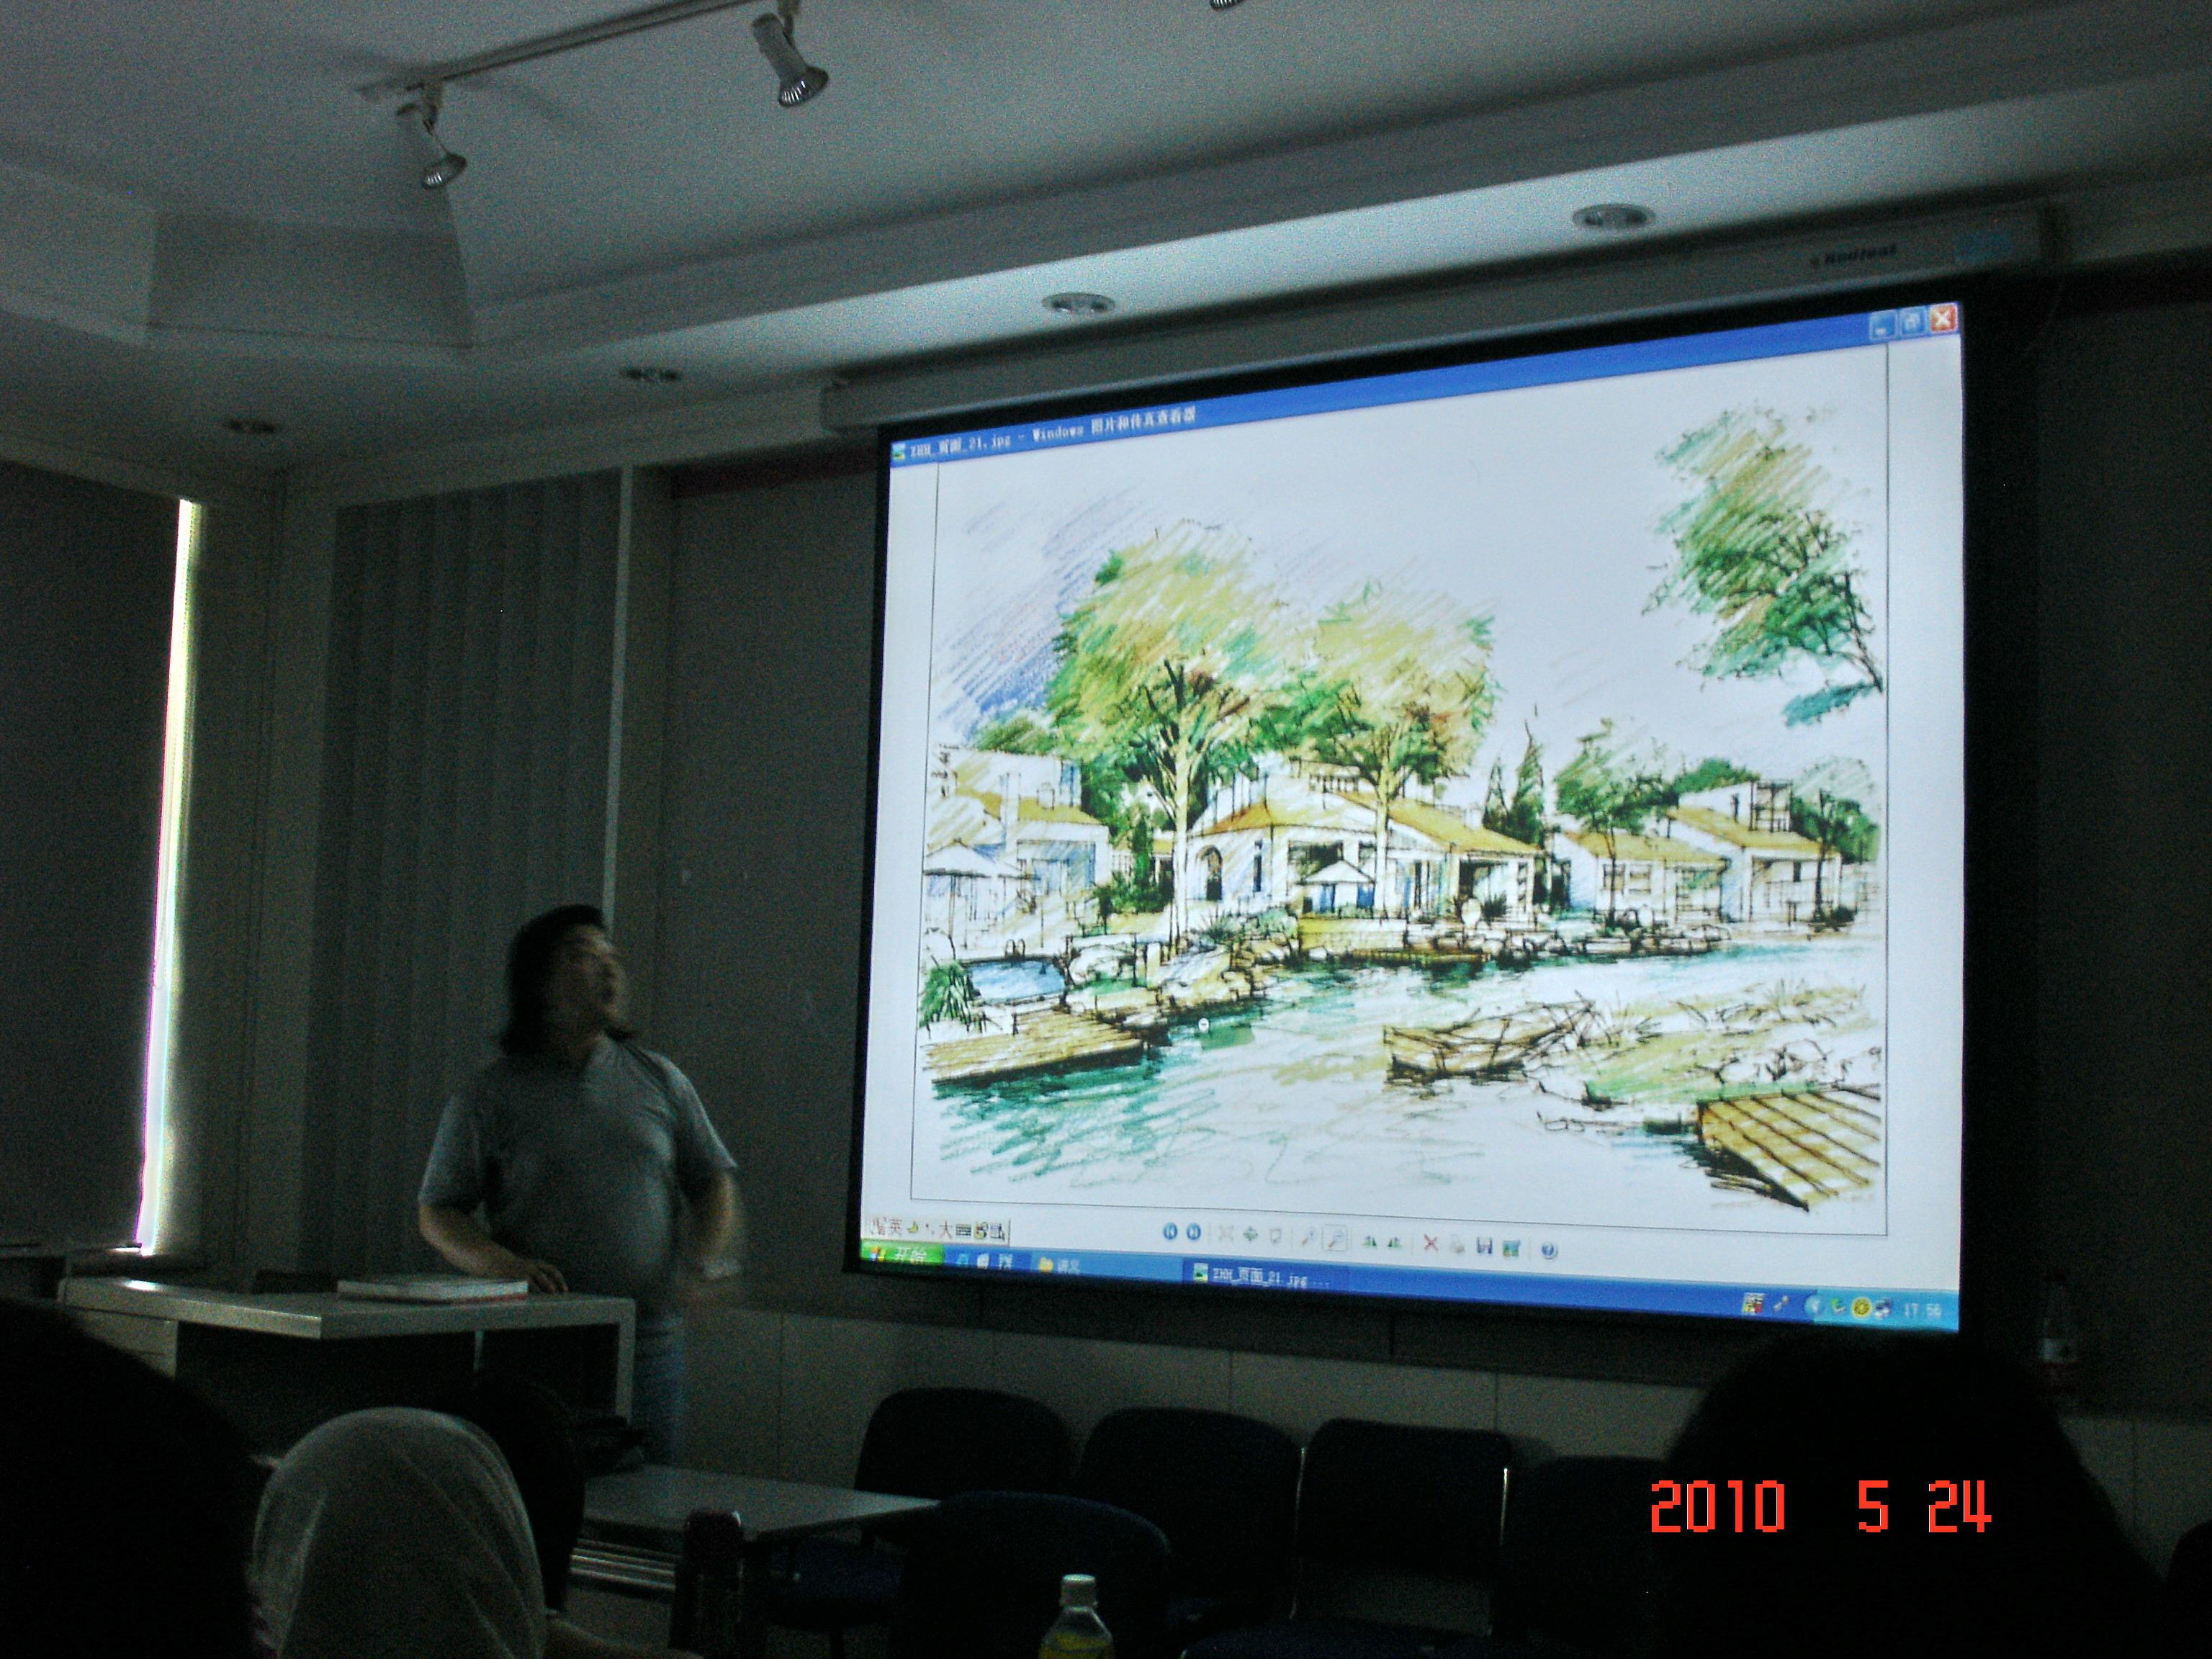 此外,赵航老师还分享了学习手绘的历程和心得.